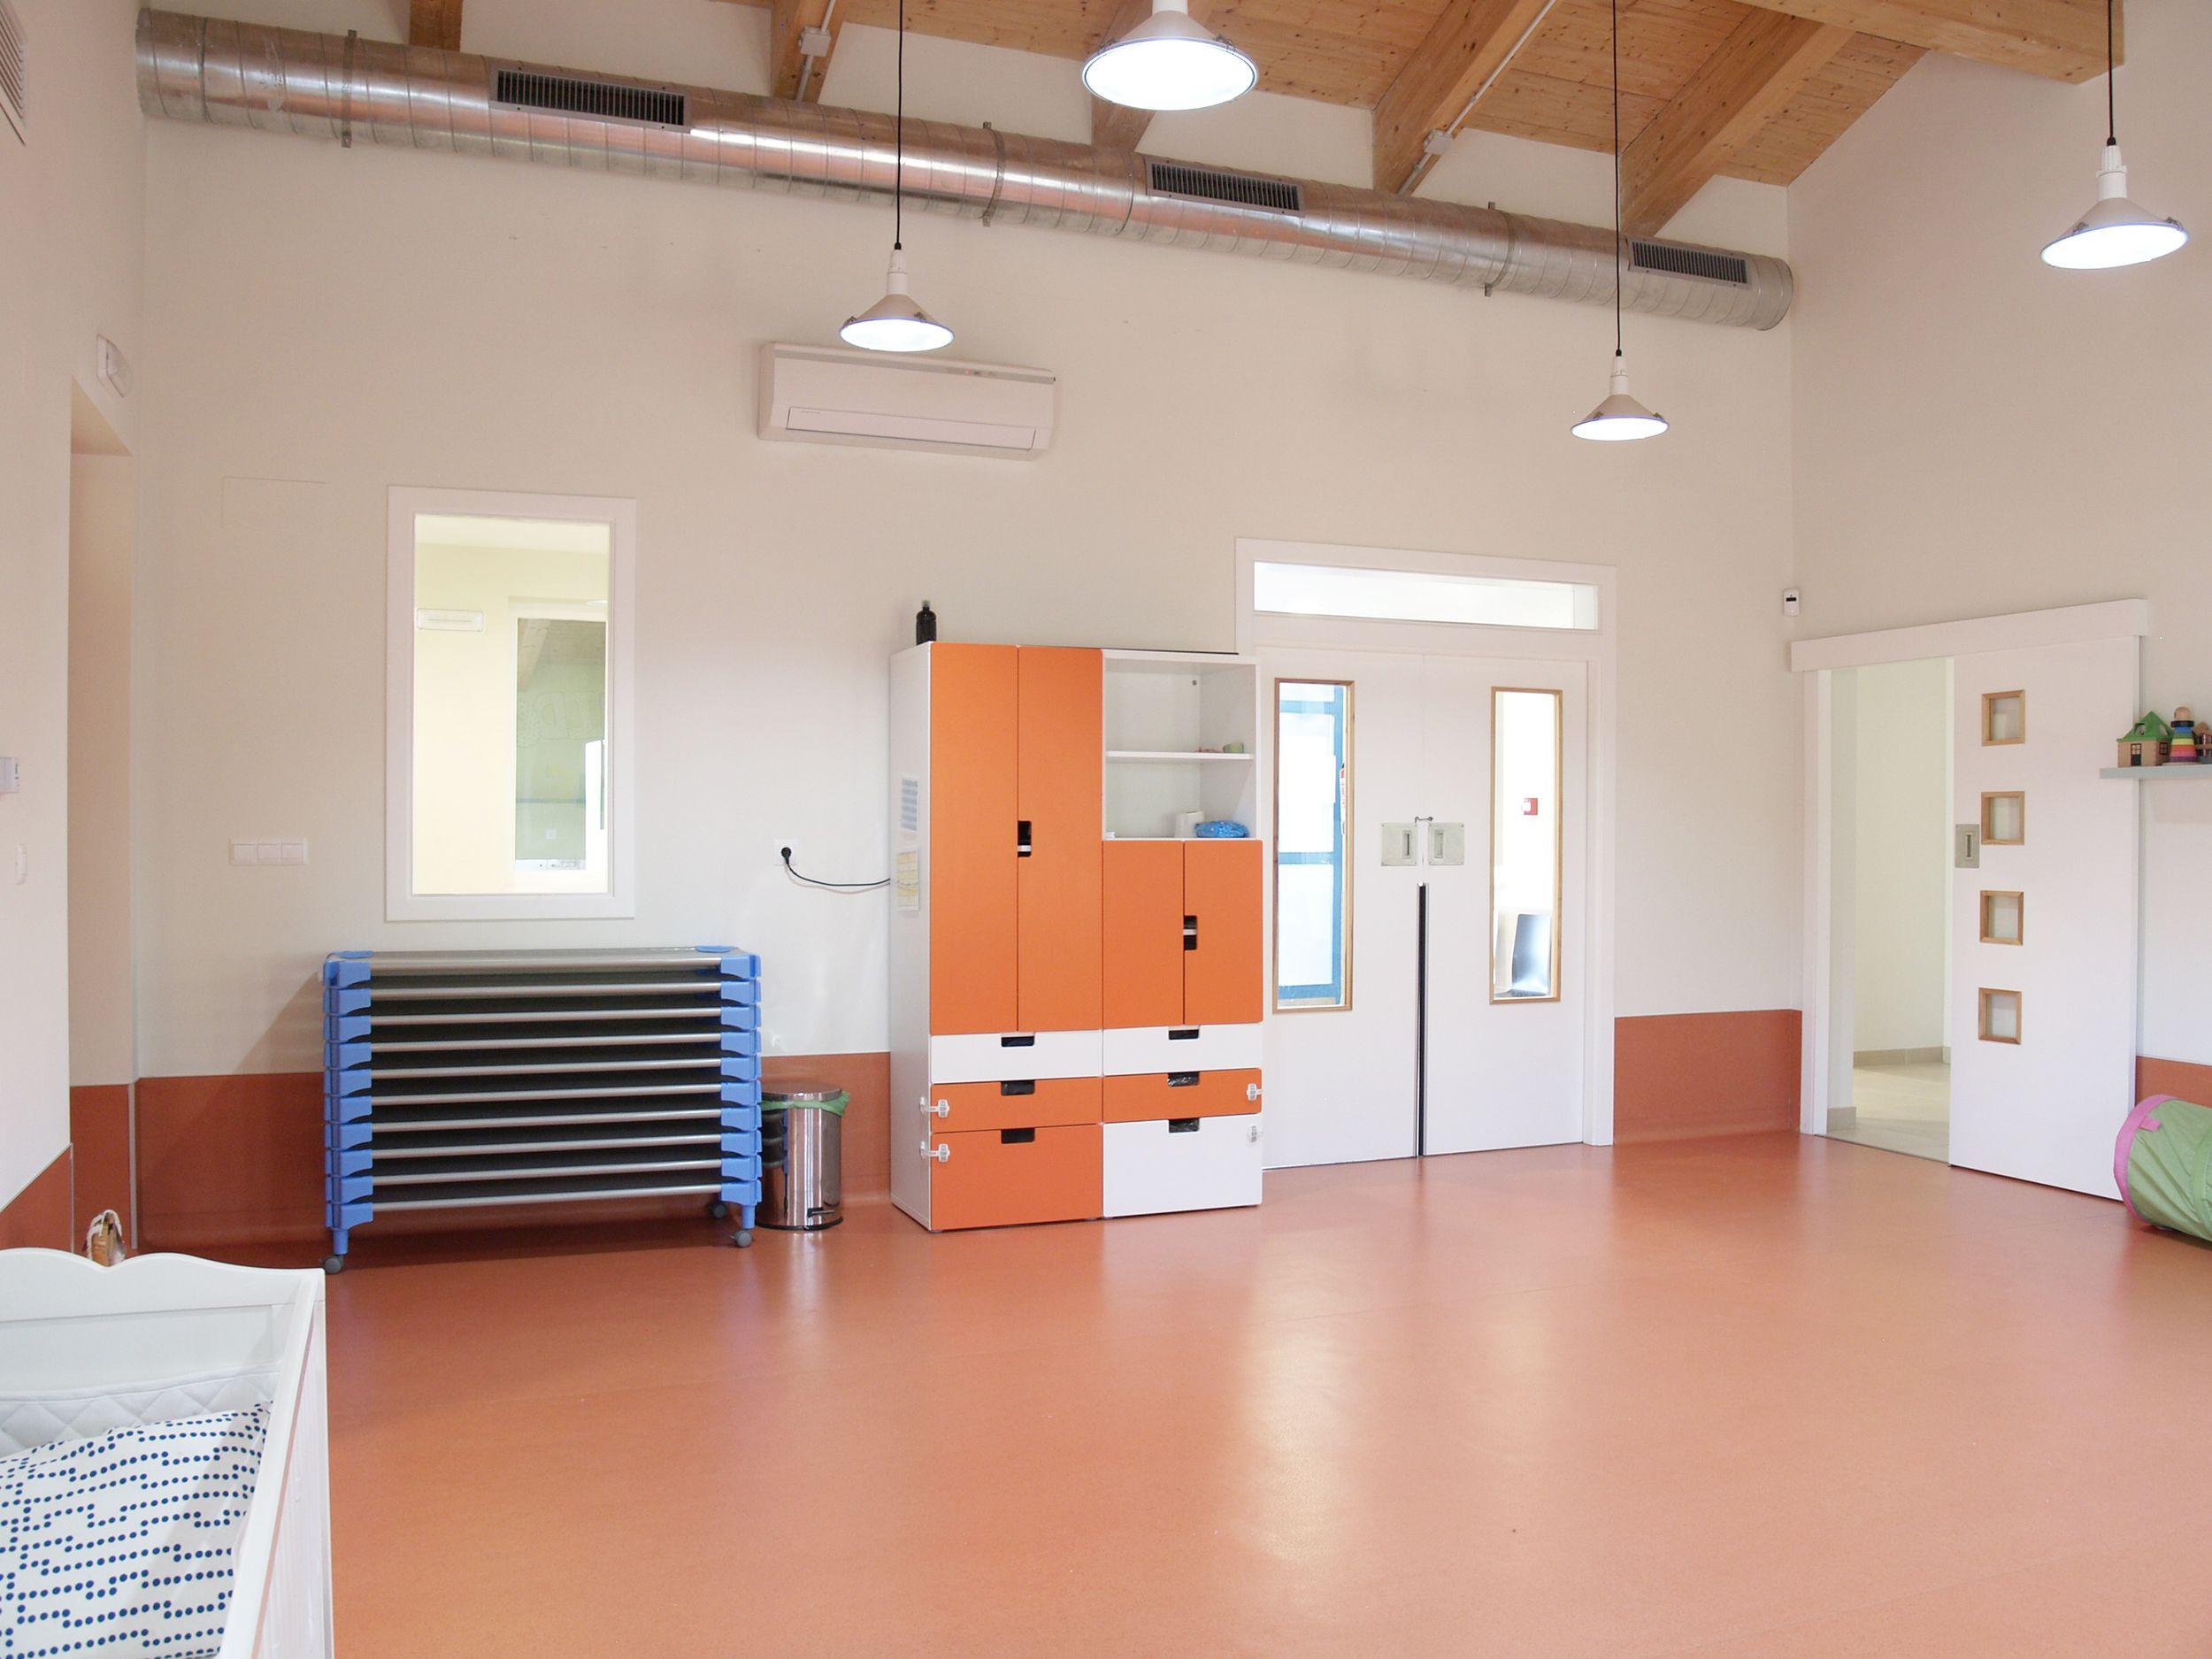 Escuelas infantiles en Valencina de la Concepción